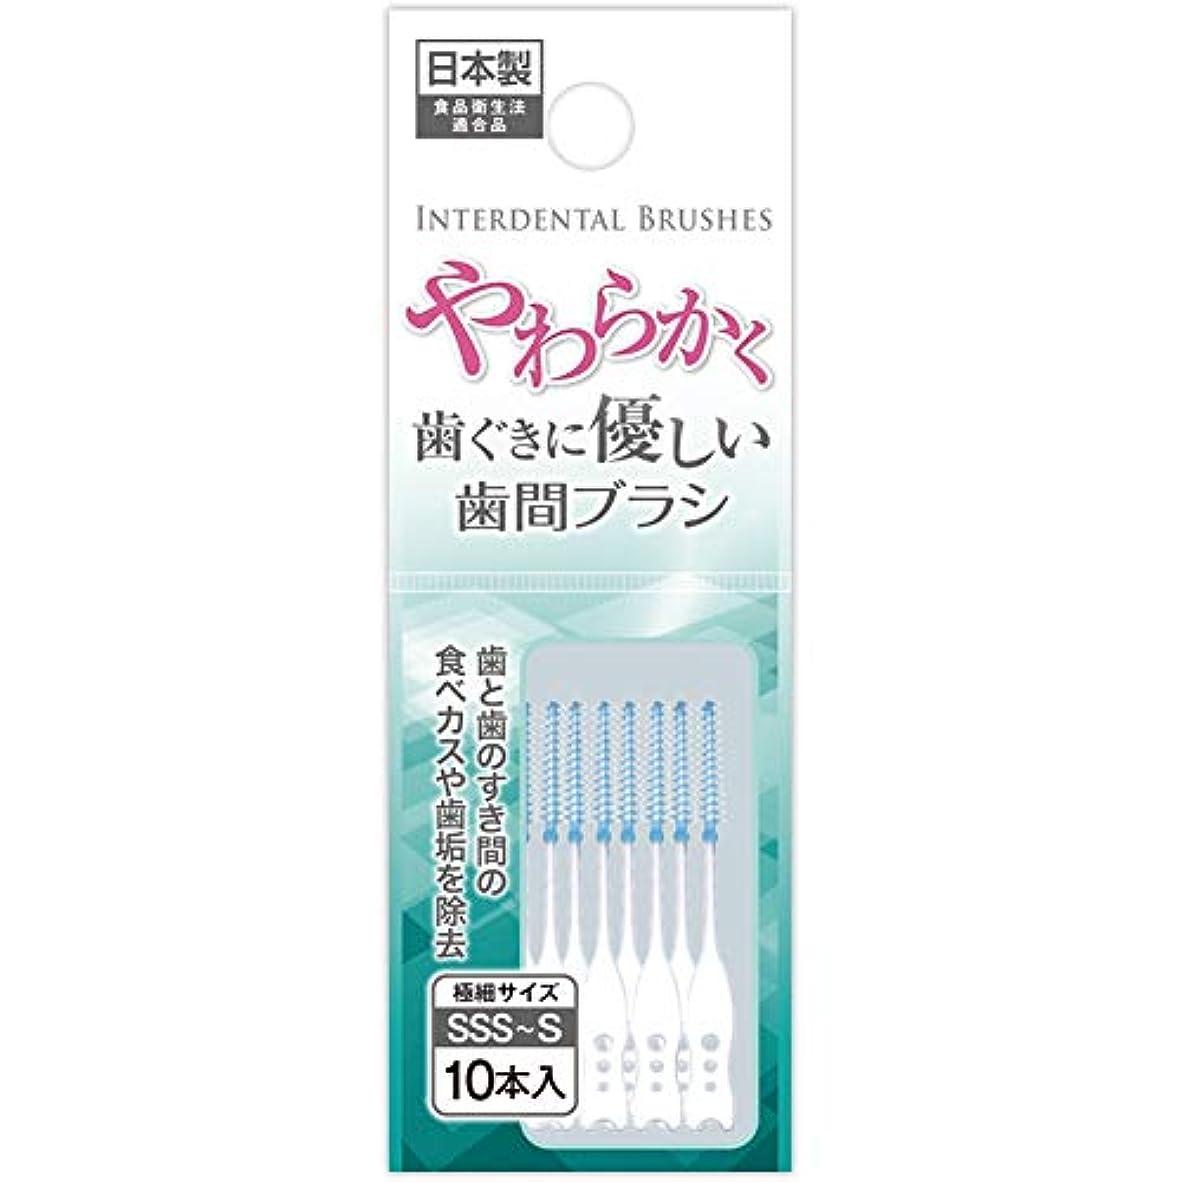 暫定の台無しに領域柔らかく優しい歯間ブラシSSS~S10本入 日本製 41-288【まとめ買い12個セット】